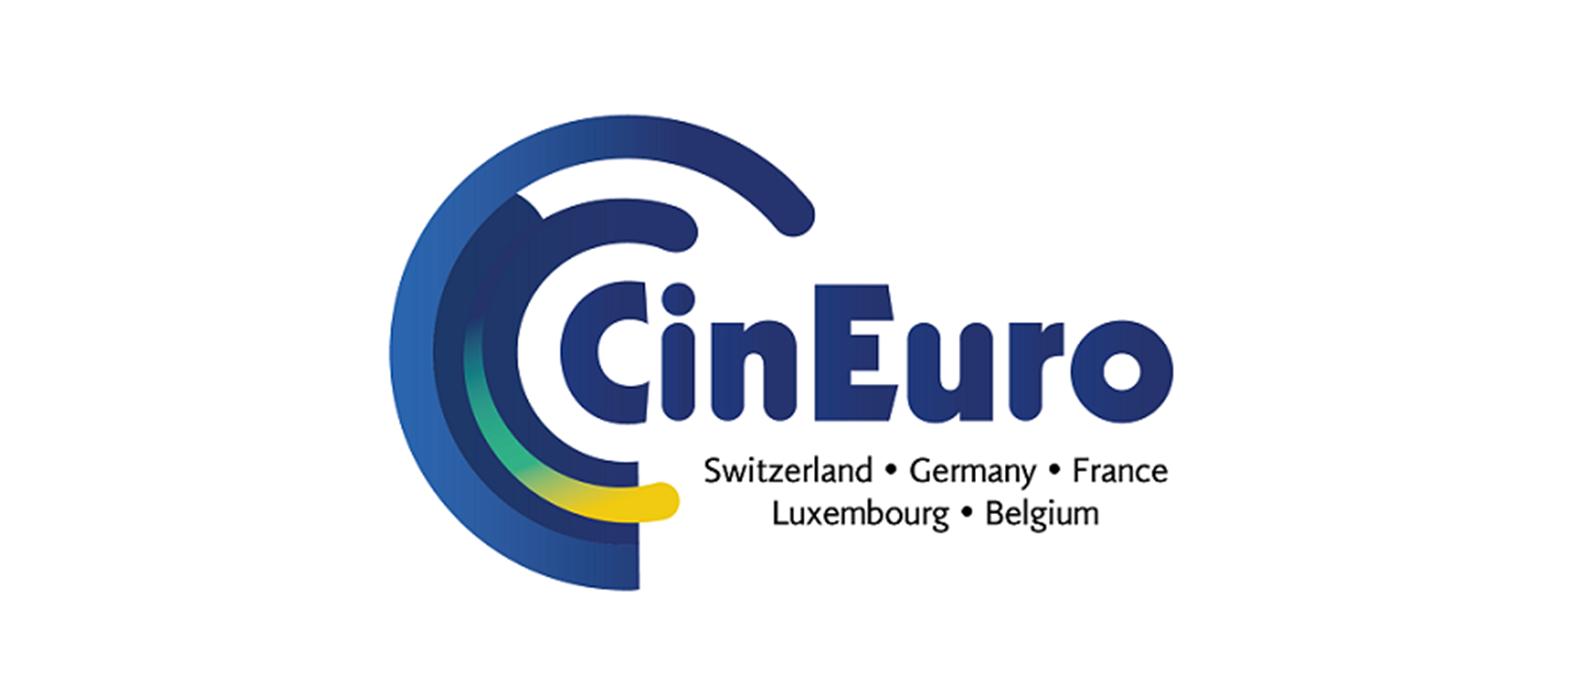 Logo de l'initiative globale CinEuro